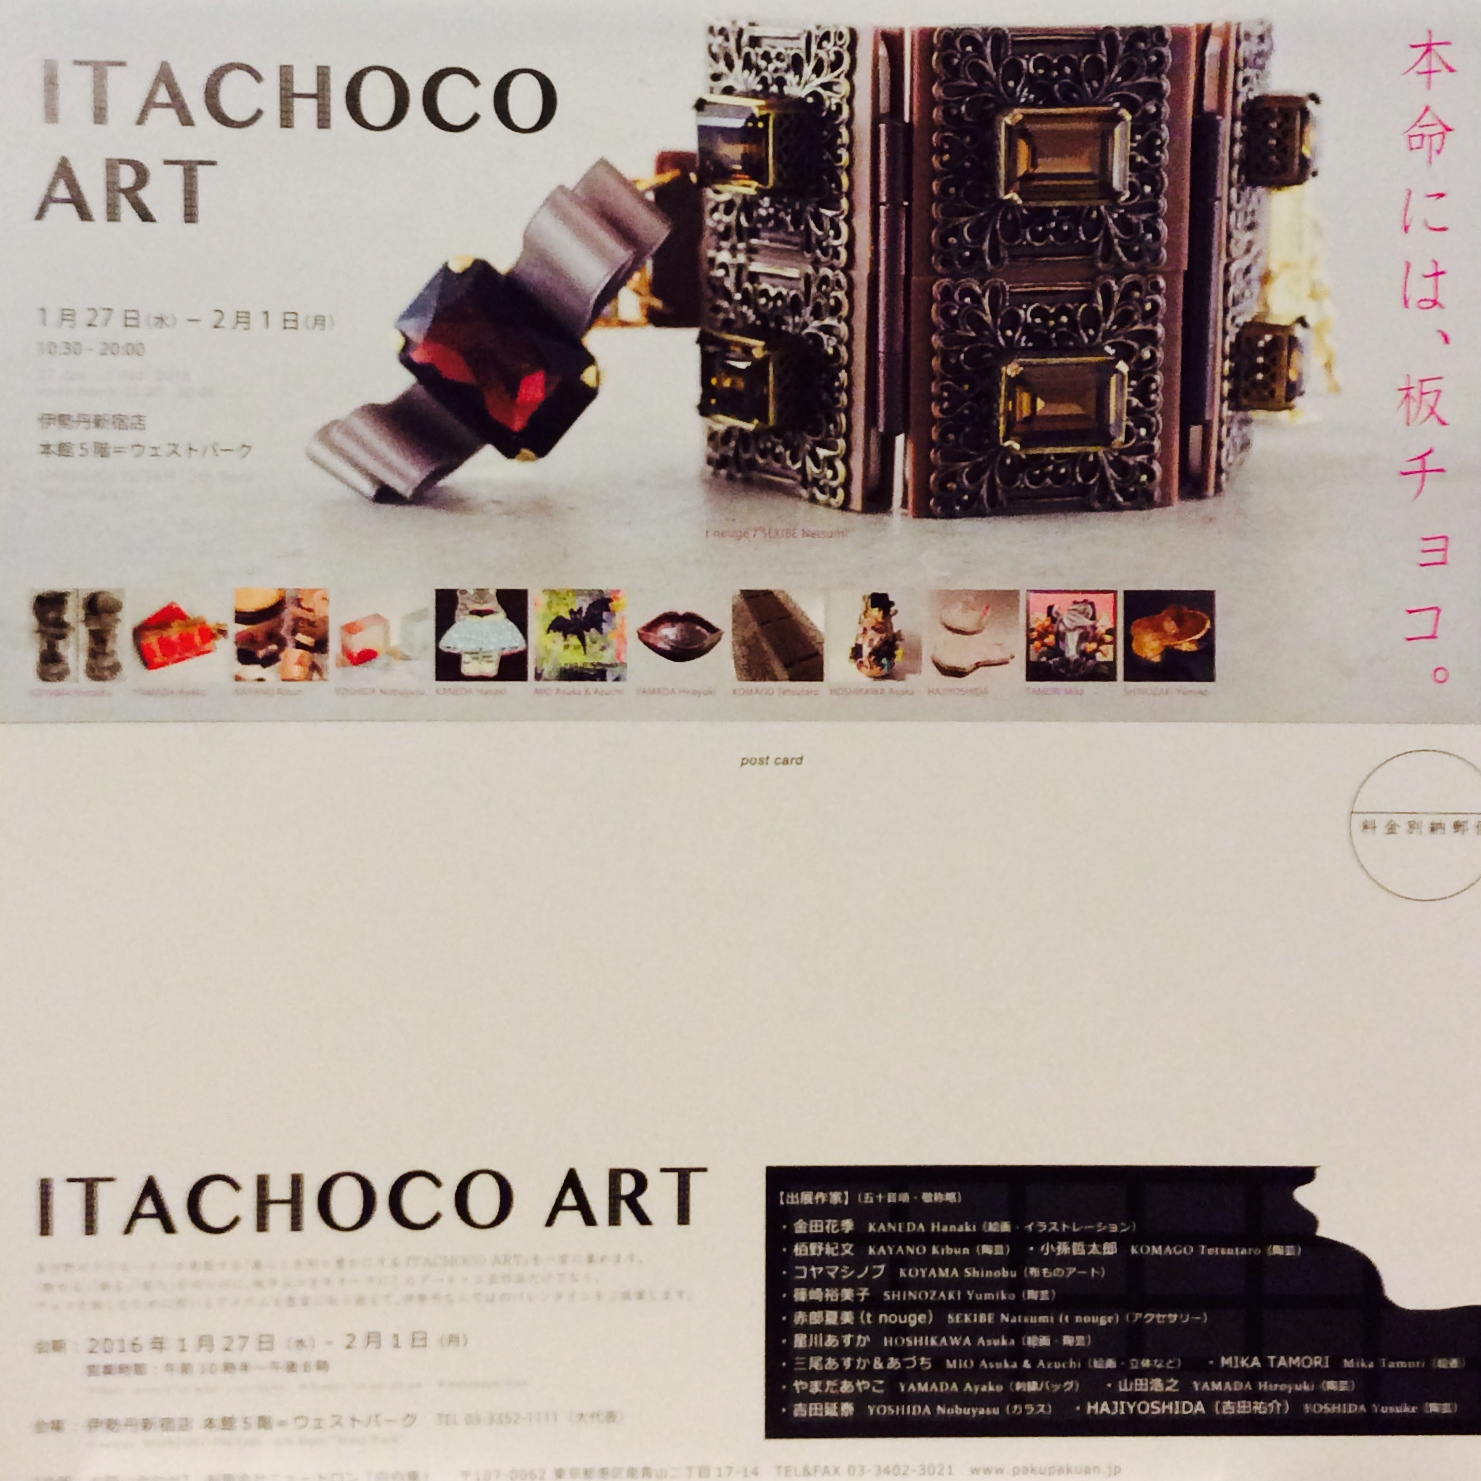 「ITACHOCO ART」